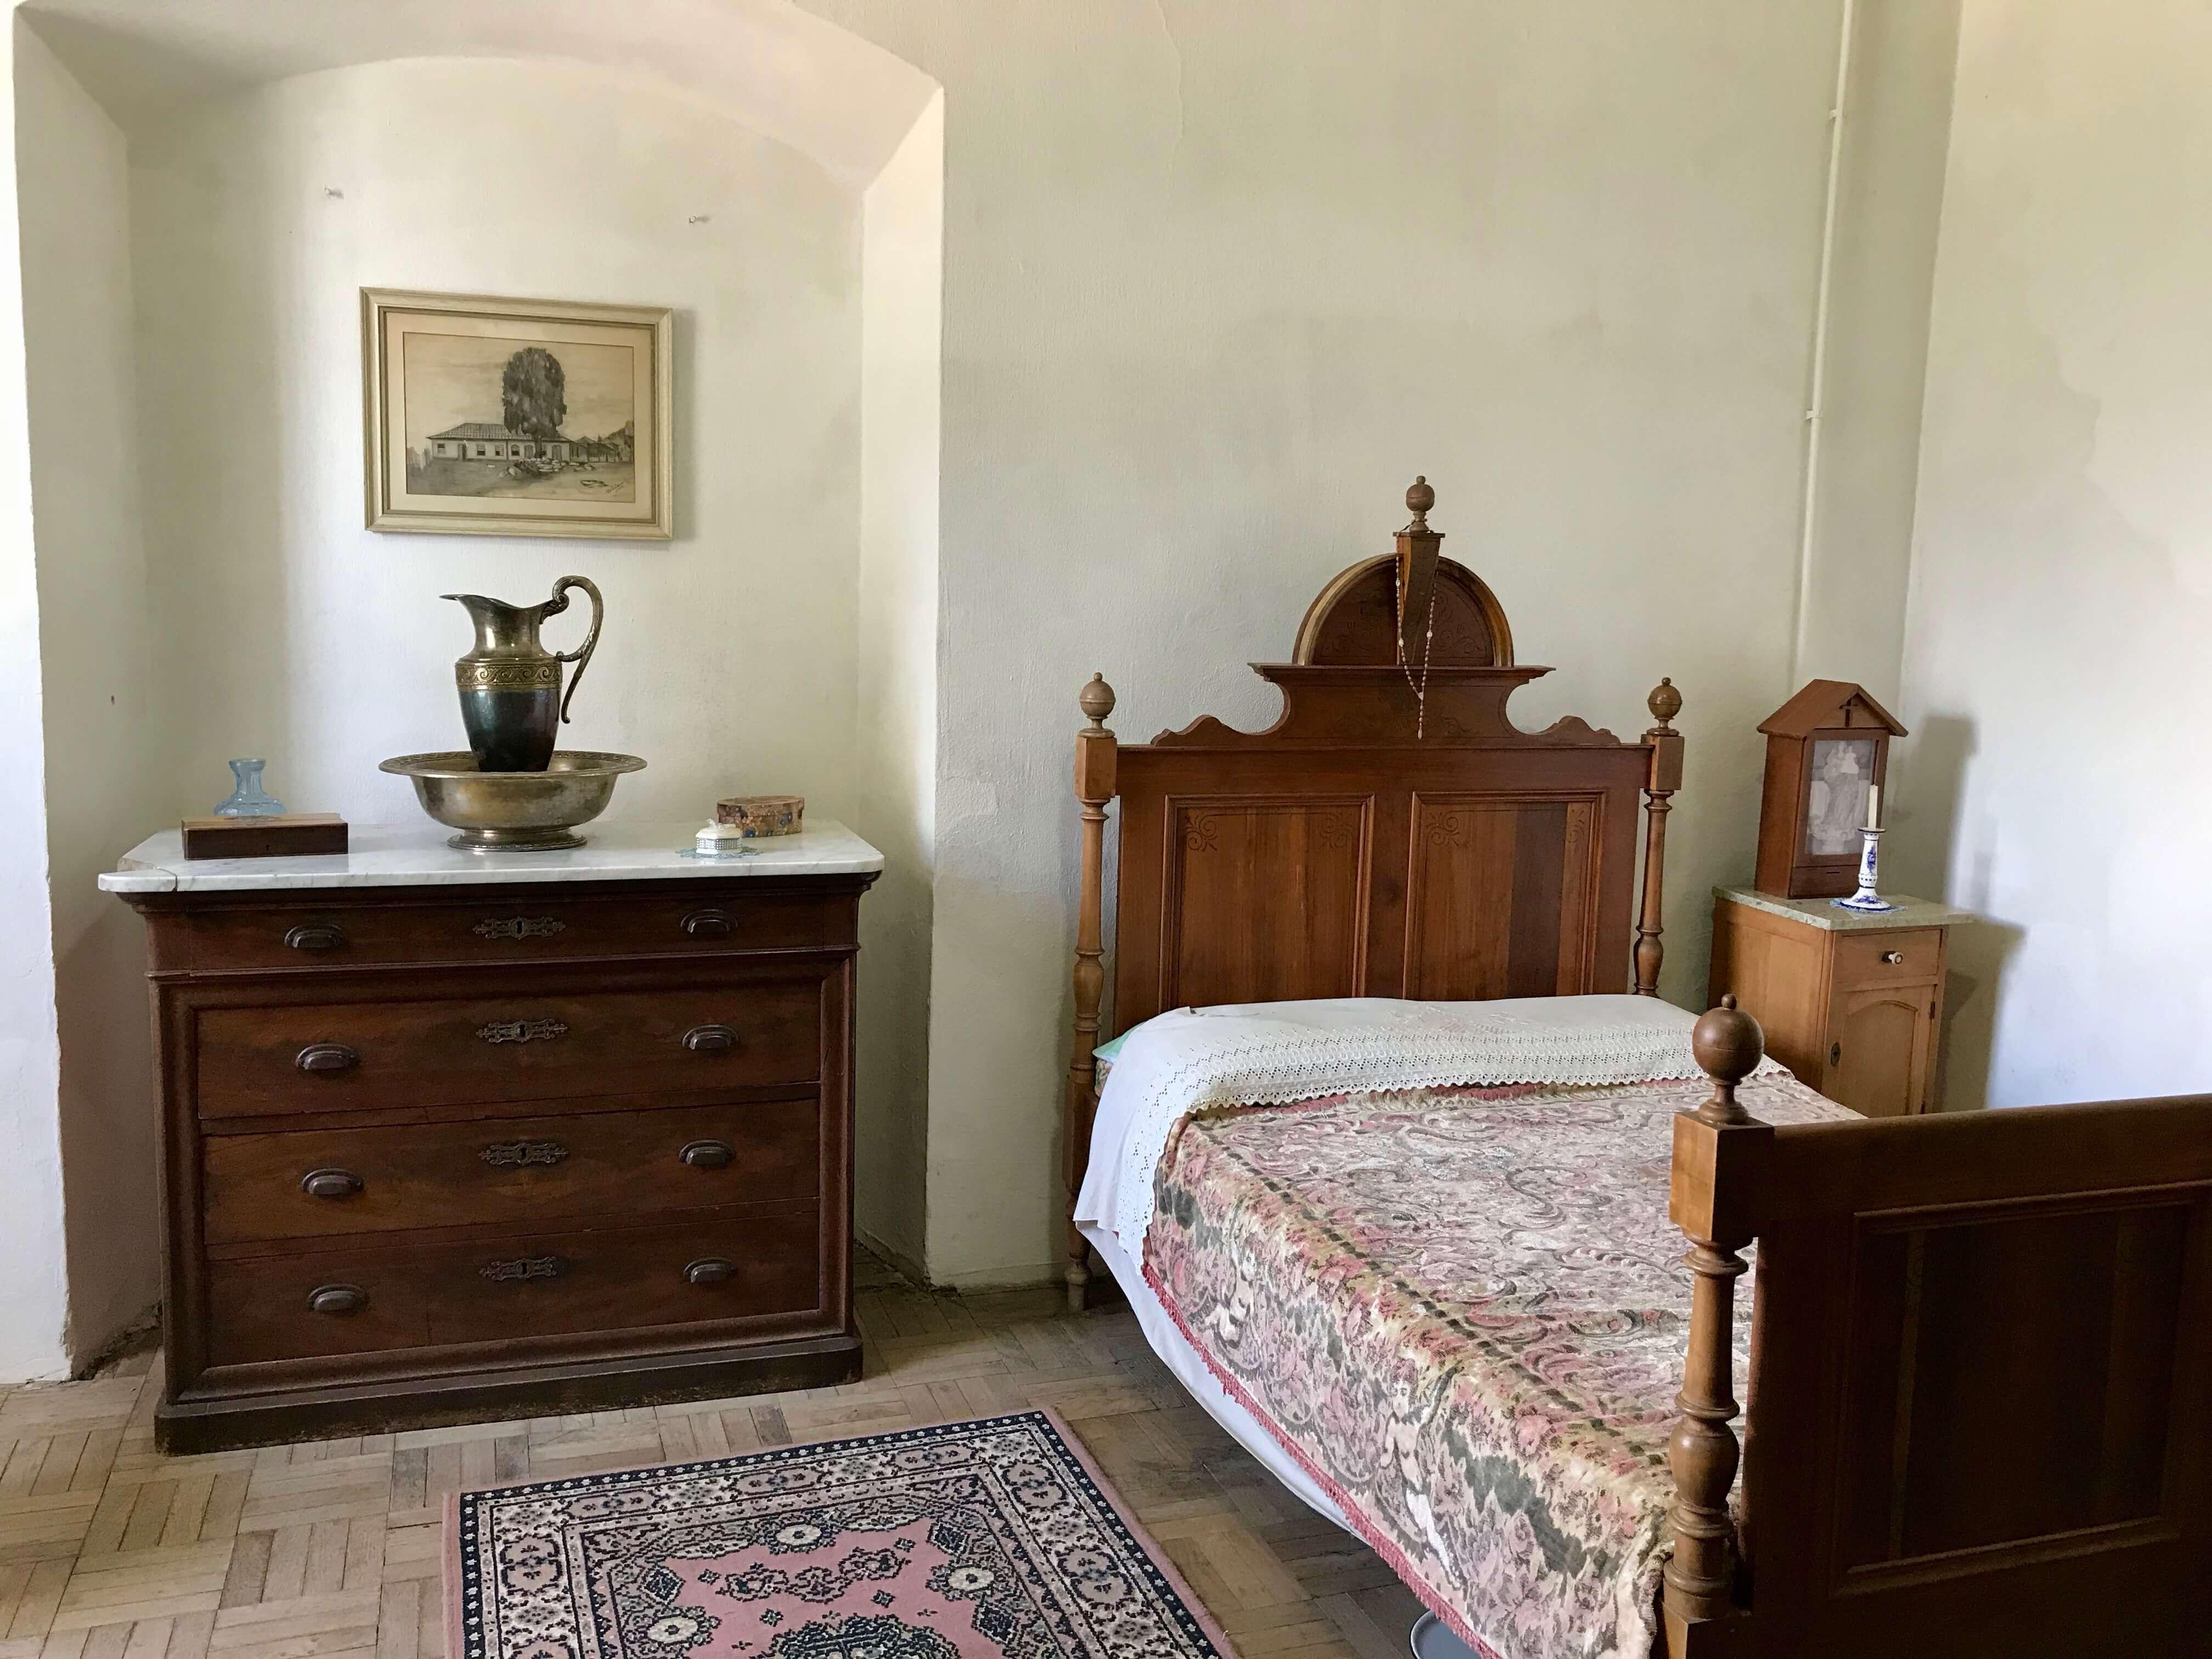 quarto com cama e cômoda antigas